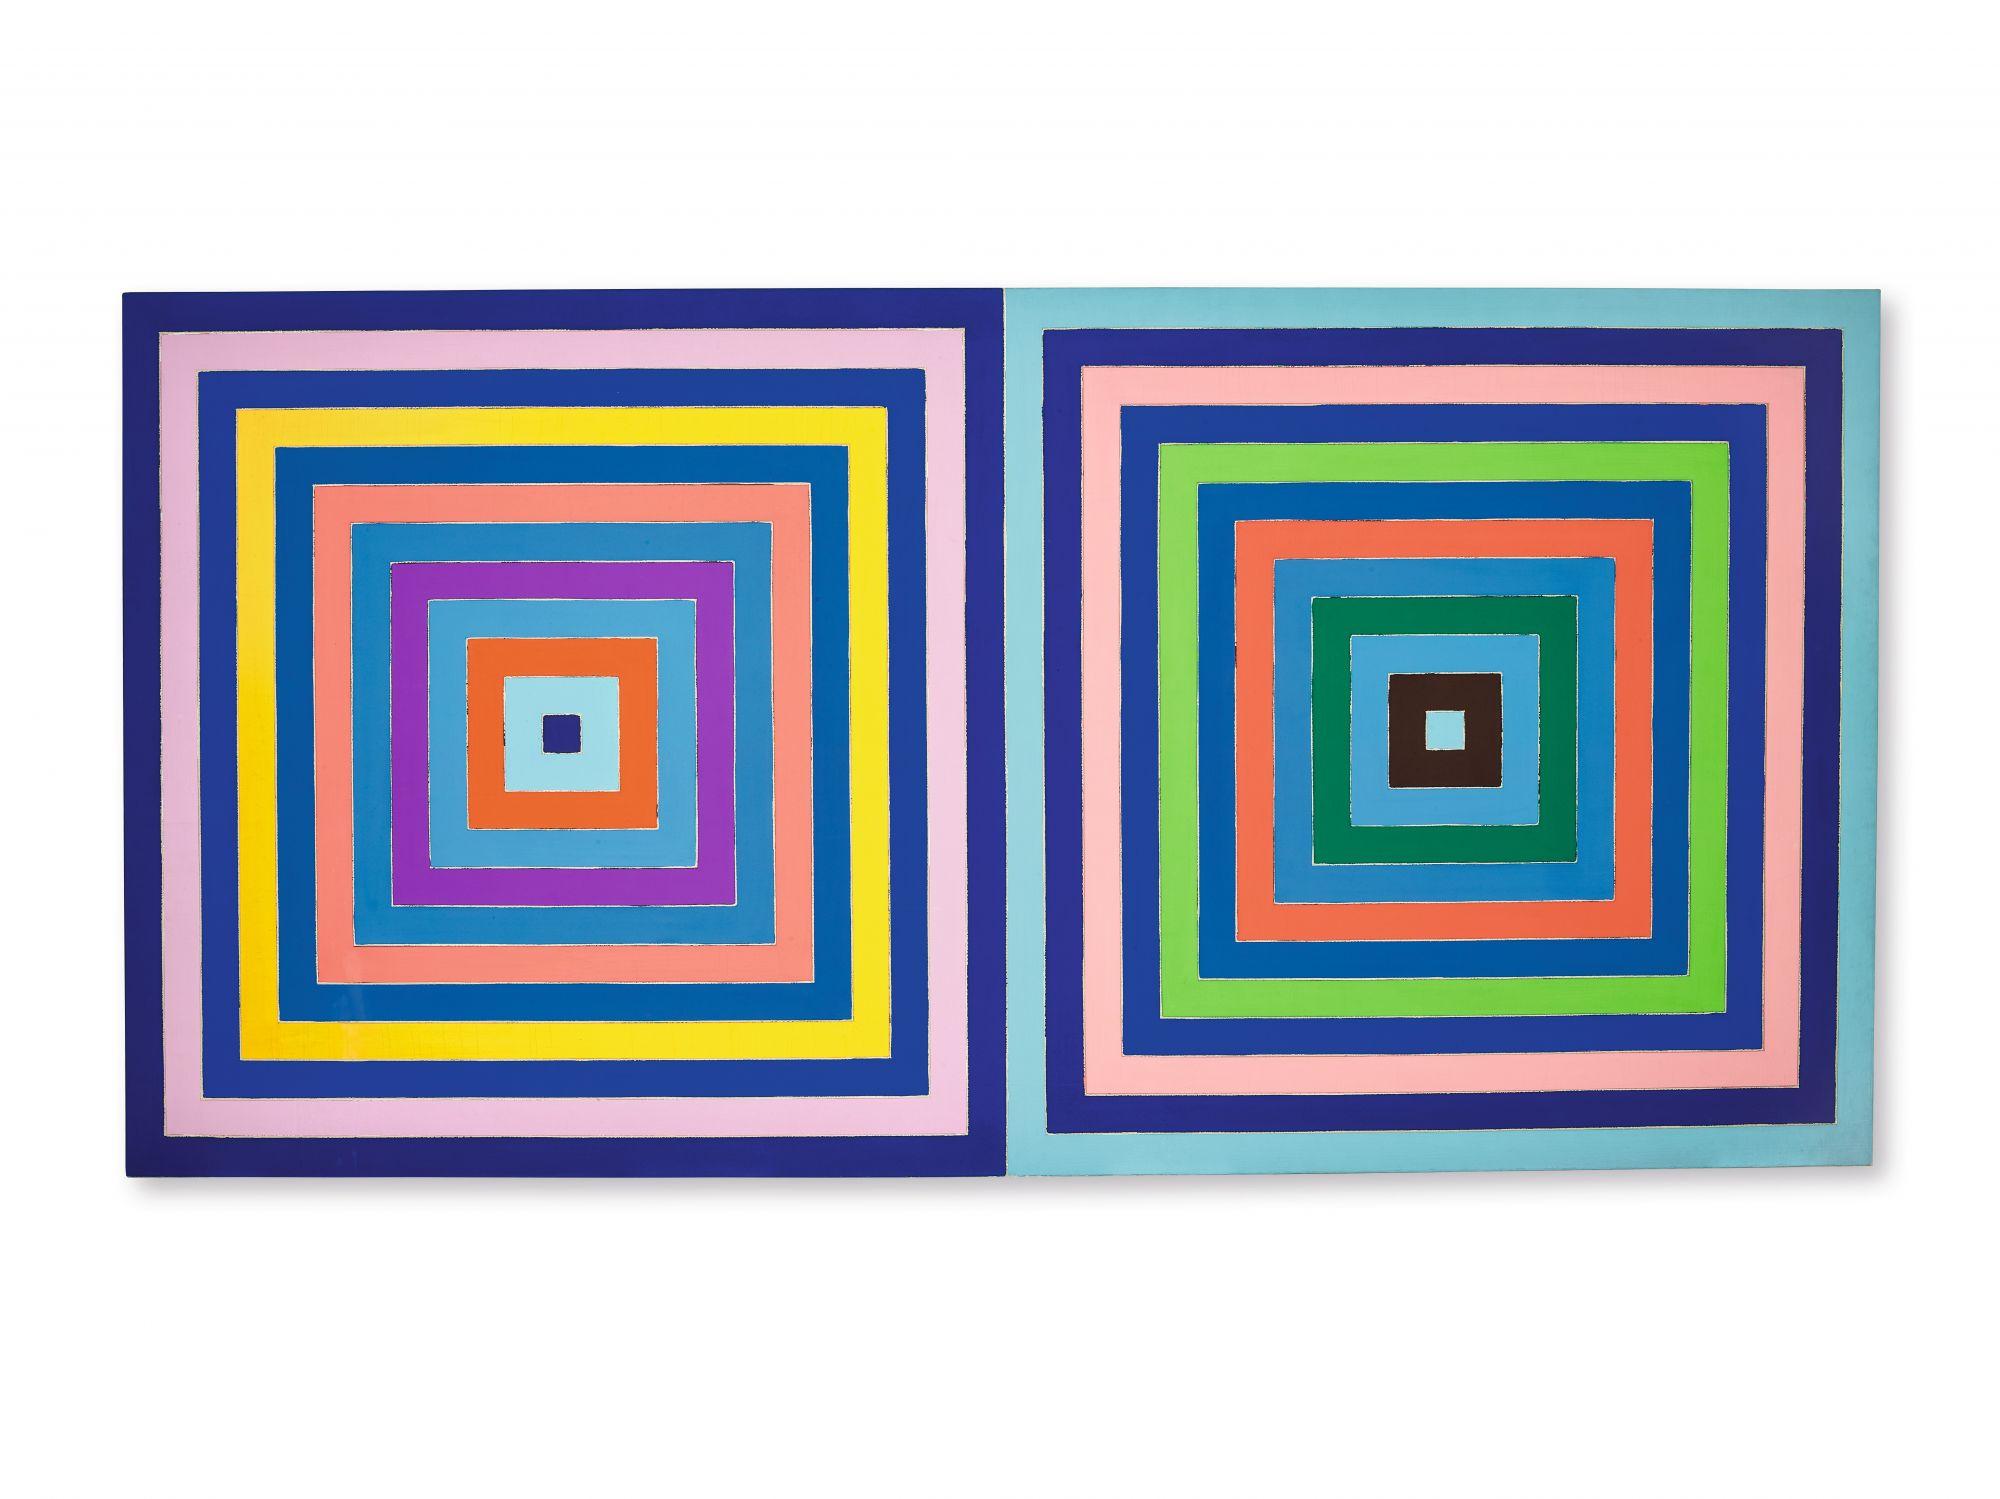 弗蘭克 ∙ 斯特拉(Frank Stella) 《無題(雙同心正方形)》